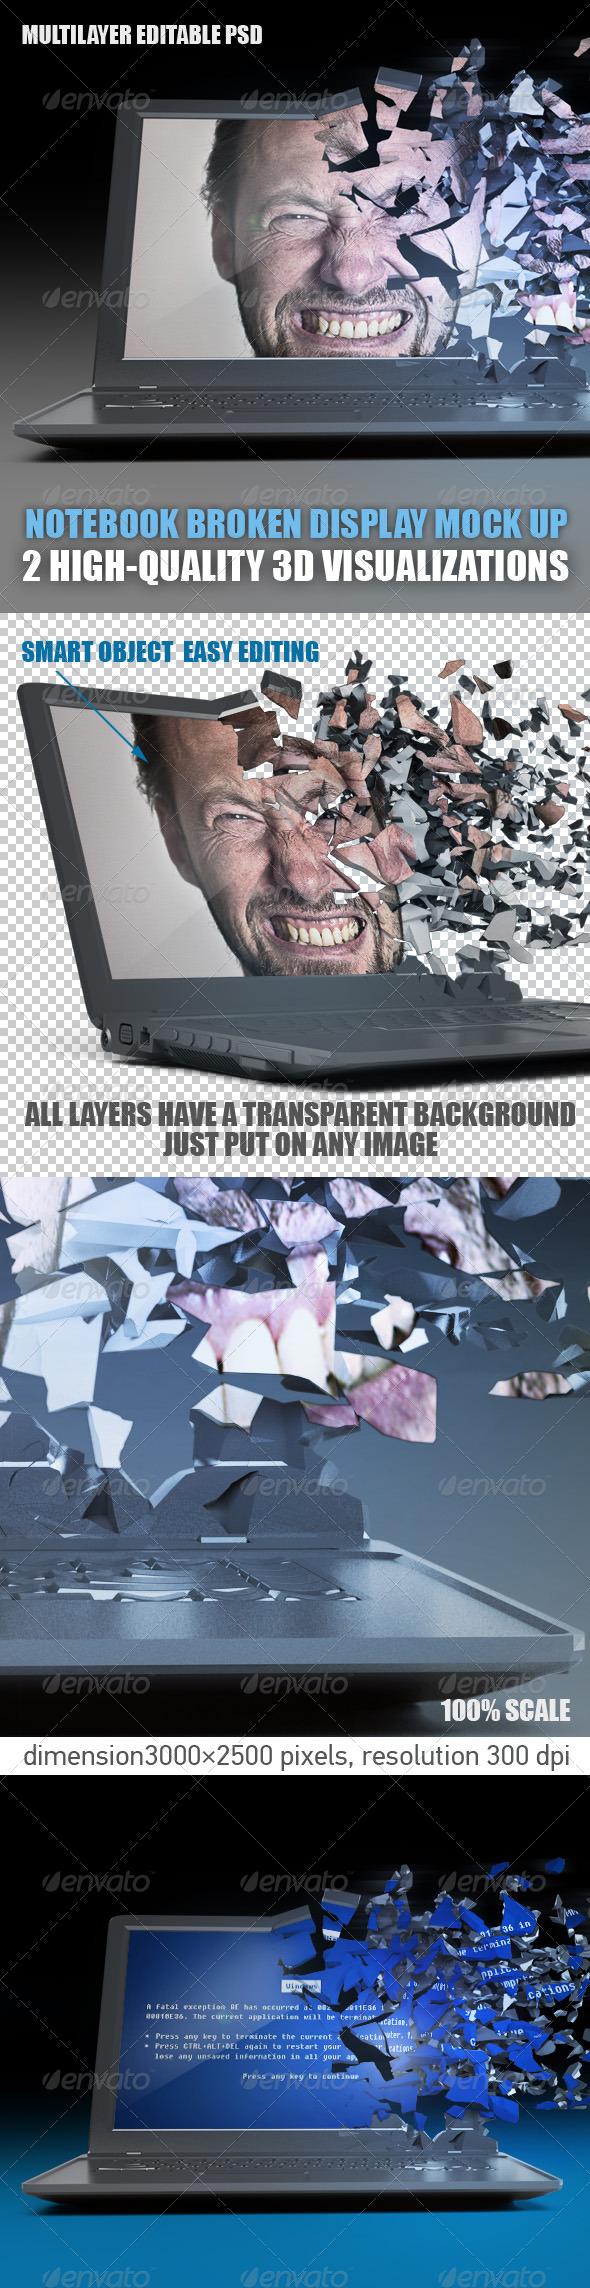 3D Notebook broken display mock up - Laptop Displays